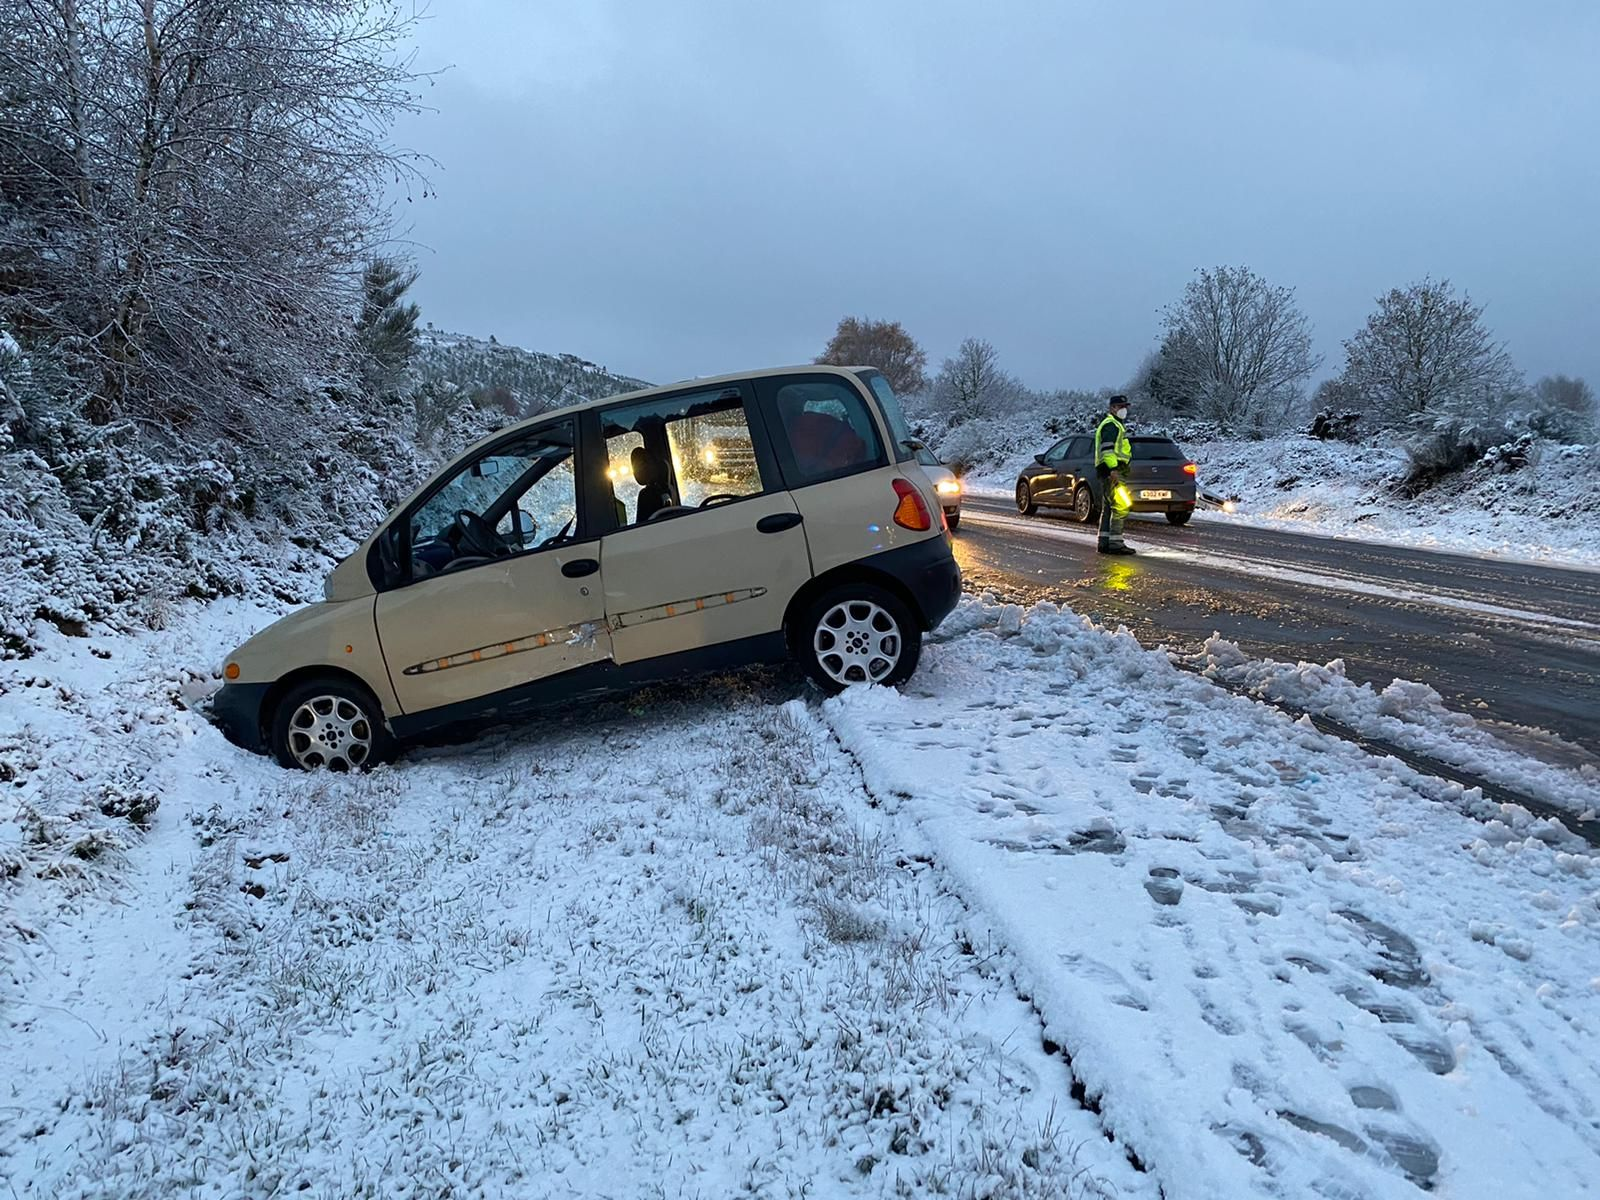 La borrasca Dora en Galicia: las fotos de un temporal de nieve y frío